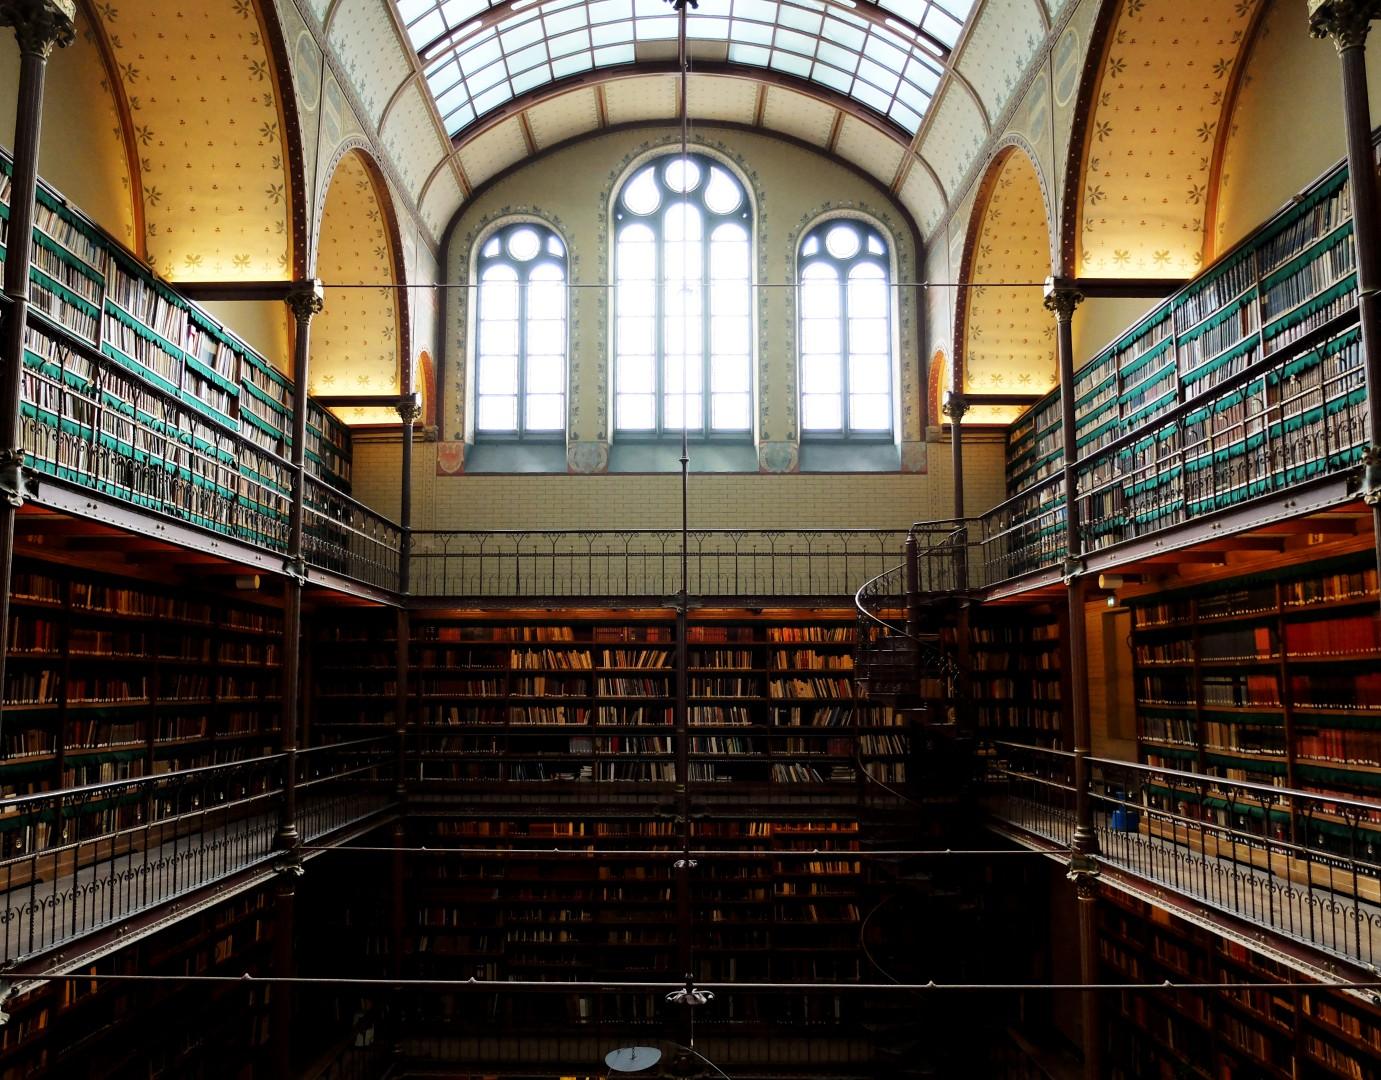 Amsterdam - Rijksmuseum